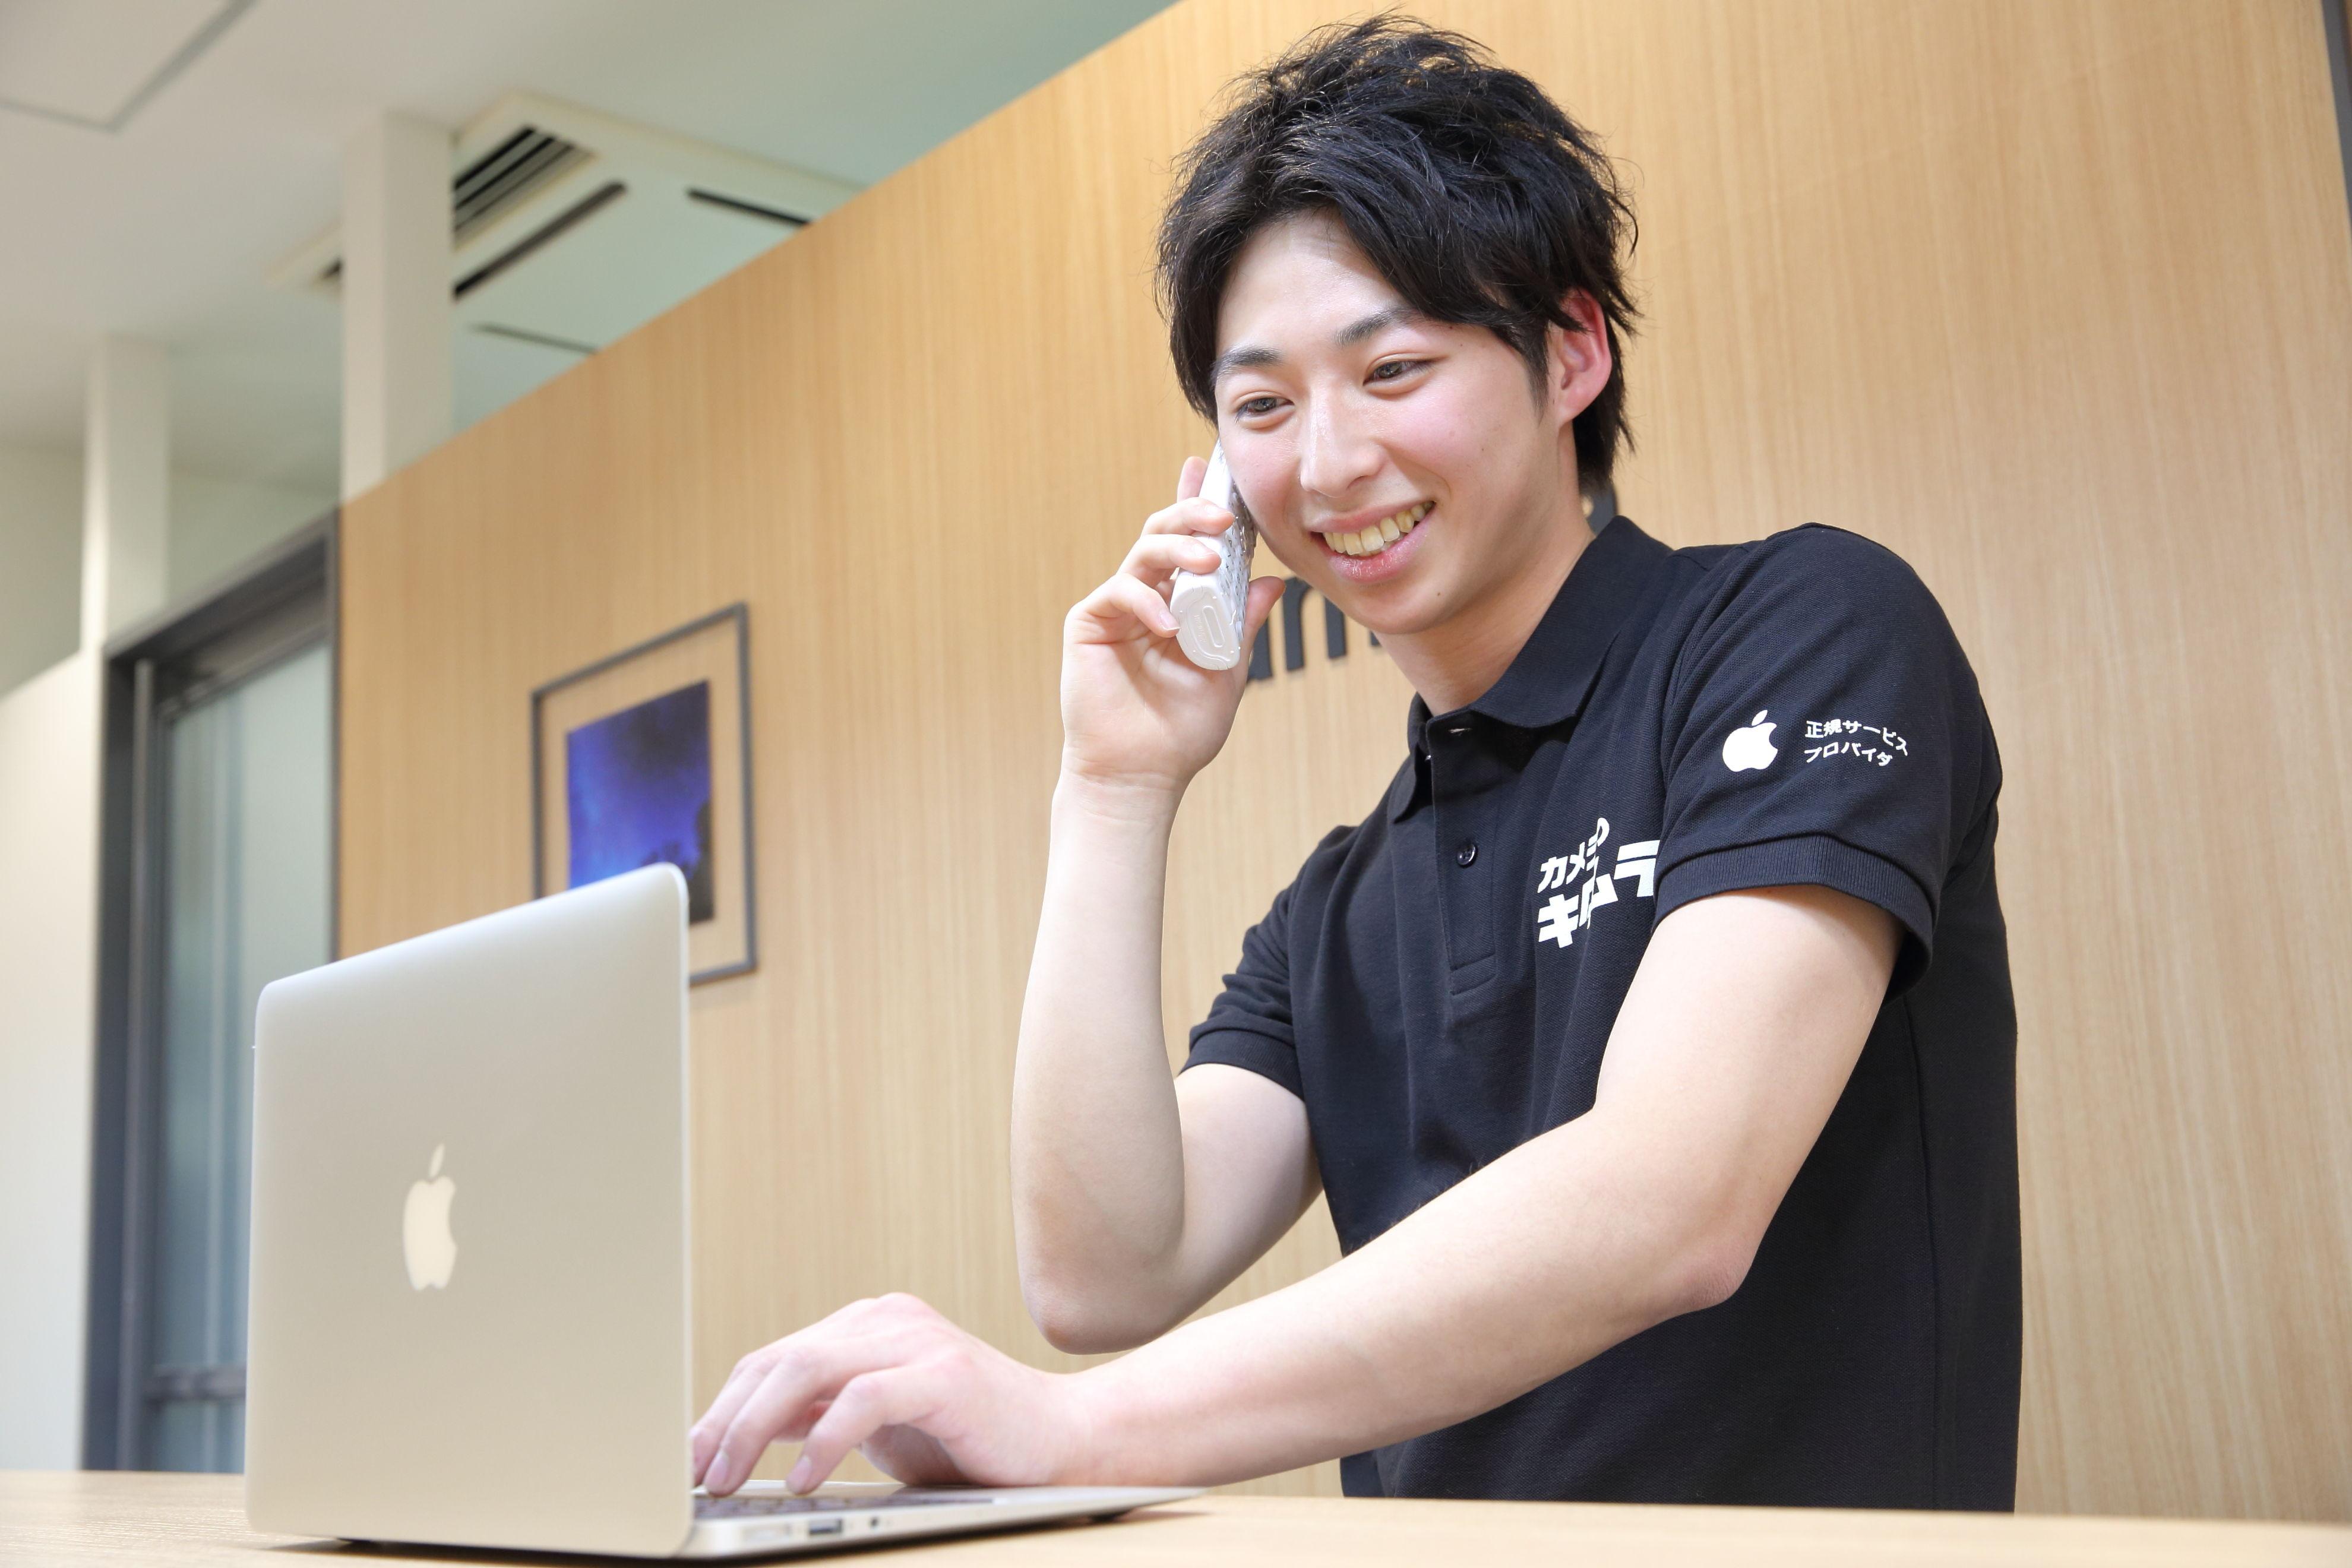 カメラのキタムラ アップル製品サービス 大阪/なんばCITY店 のアルバイト情報